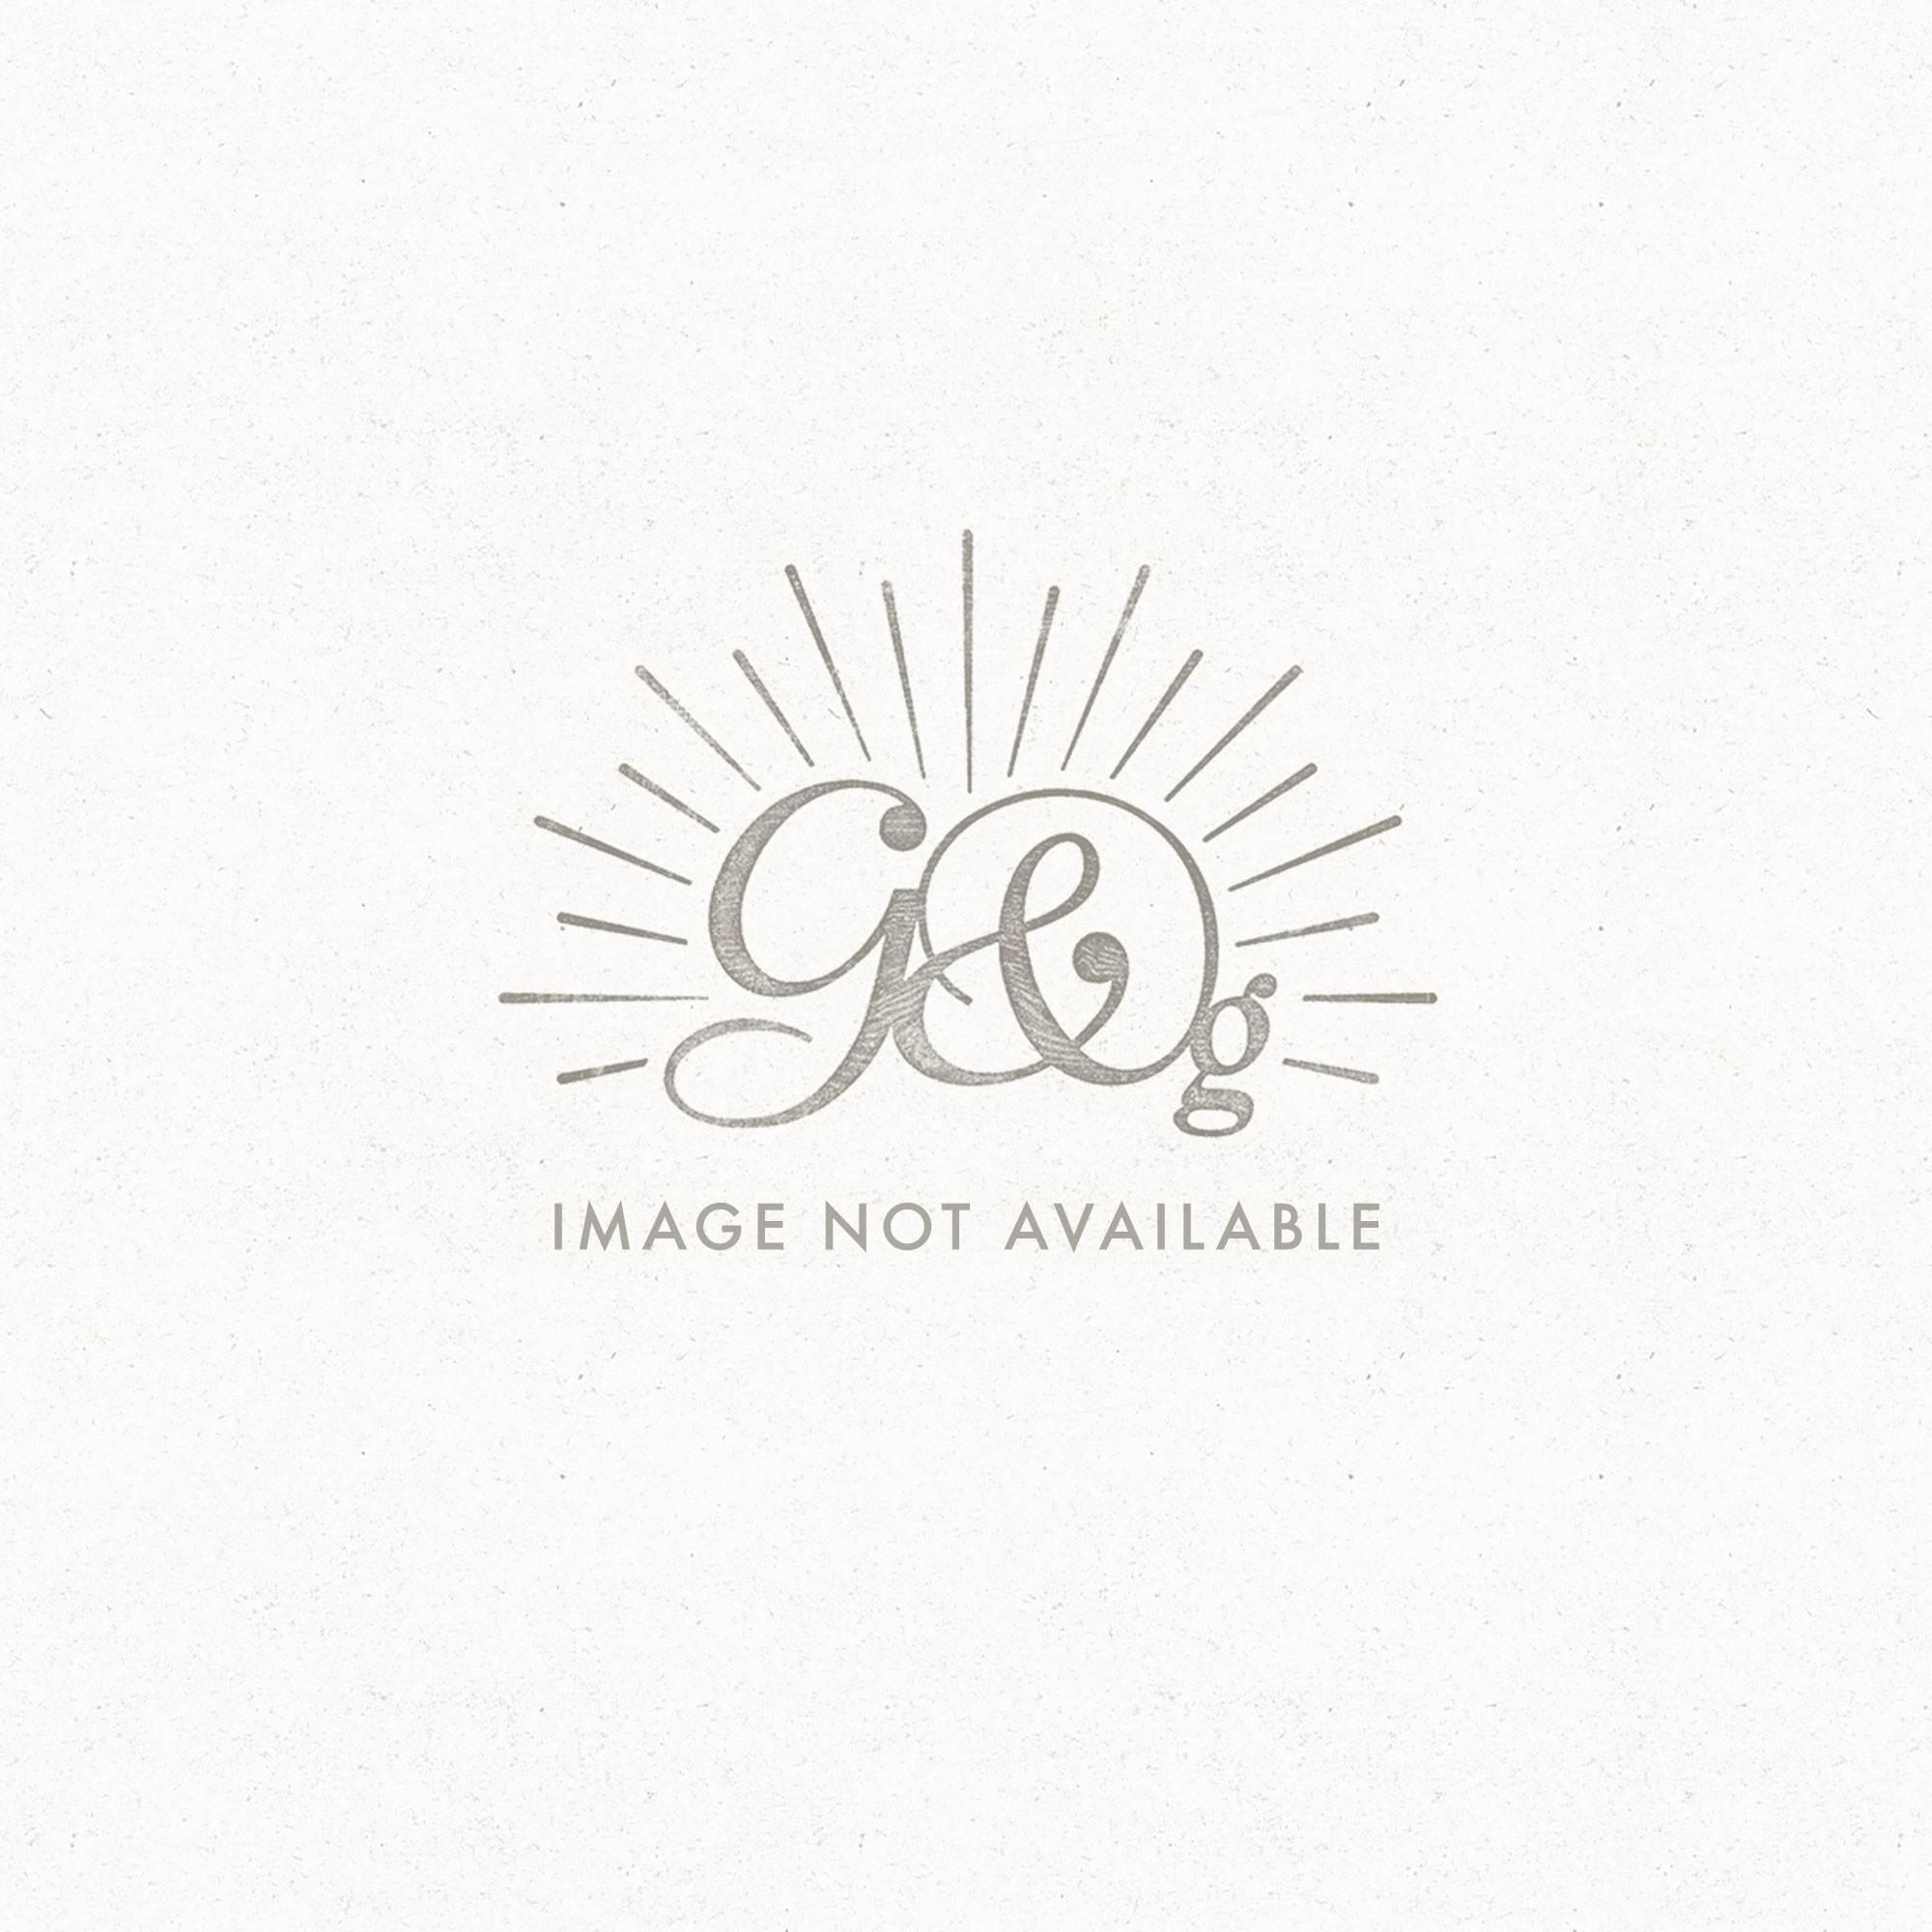 Elfie Selfie Photo Kit